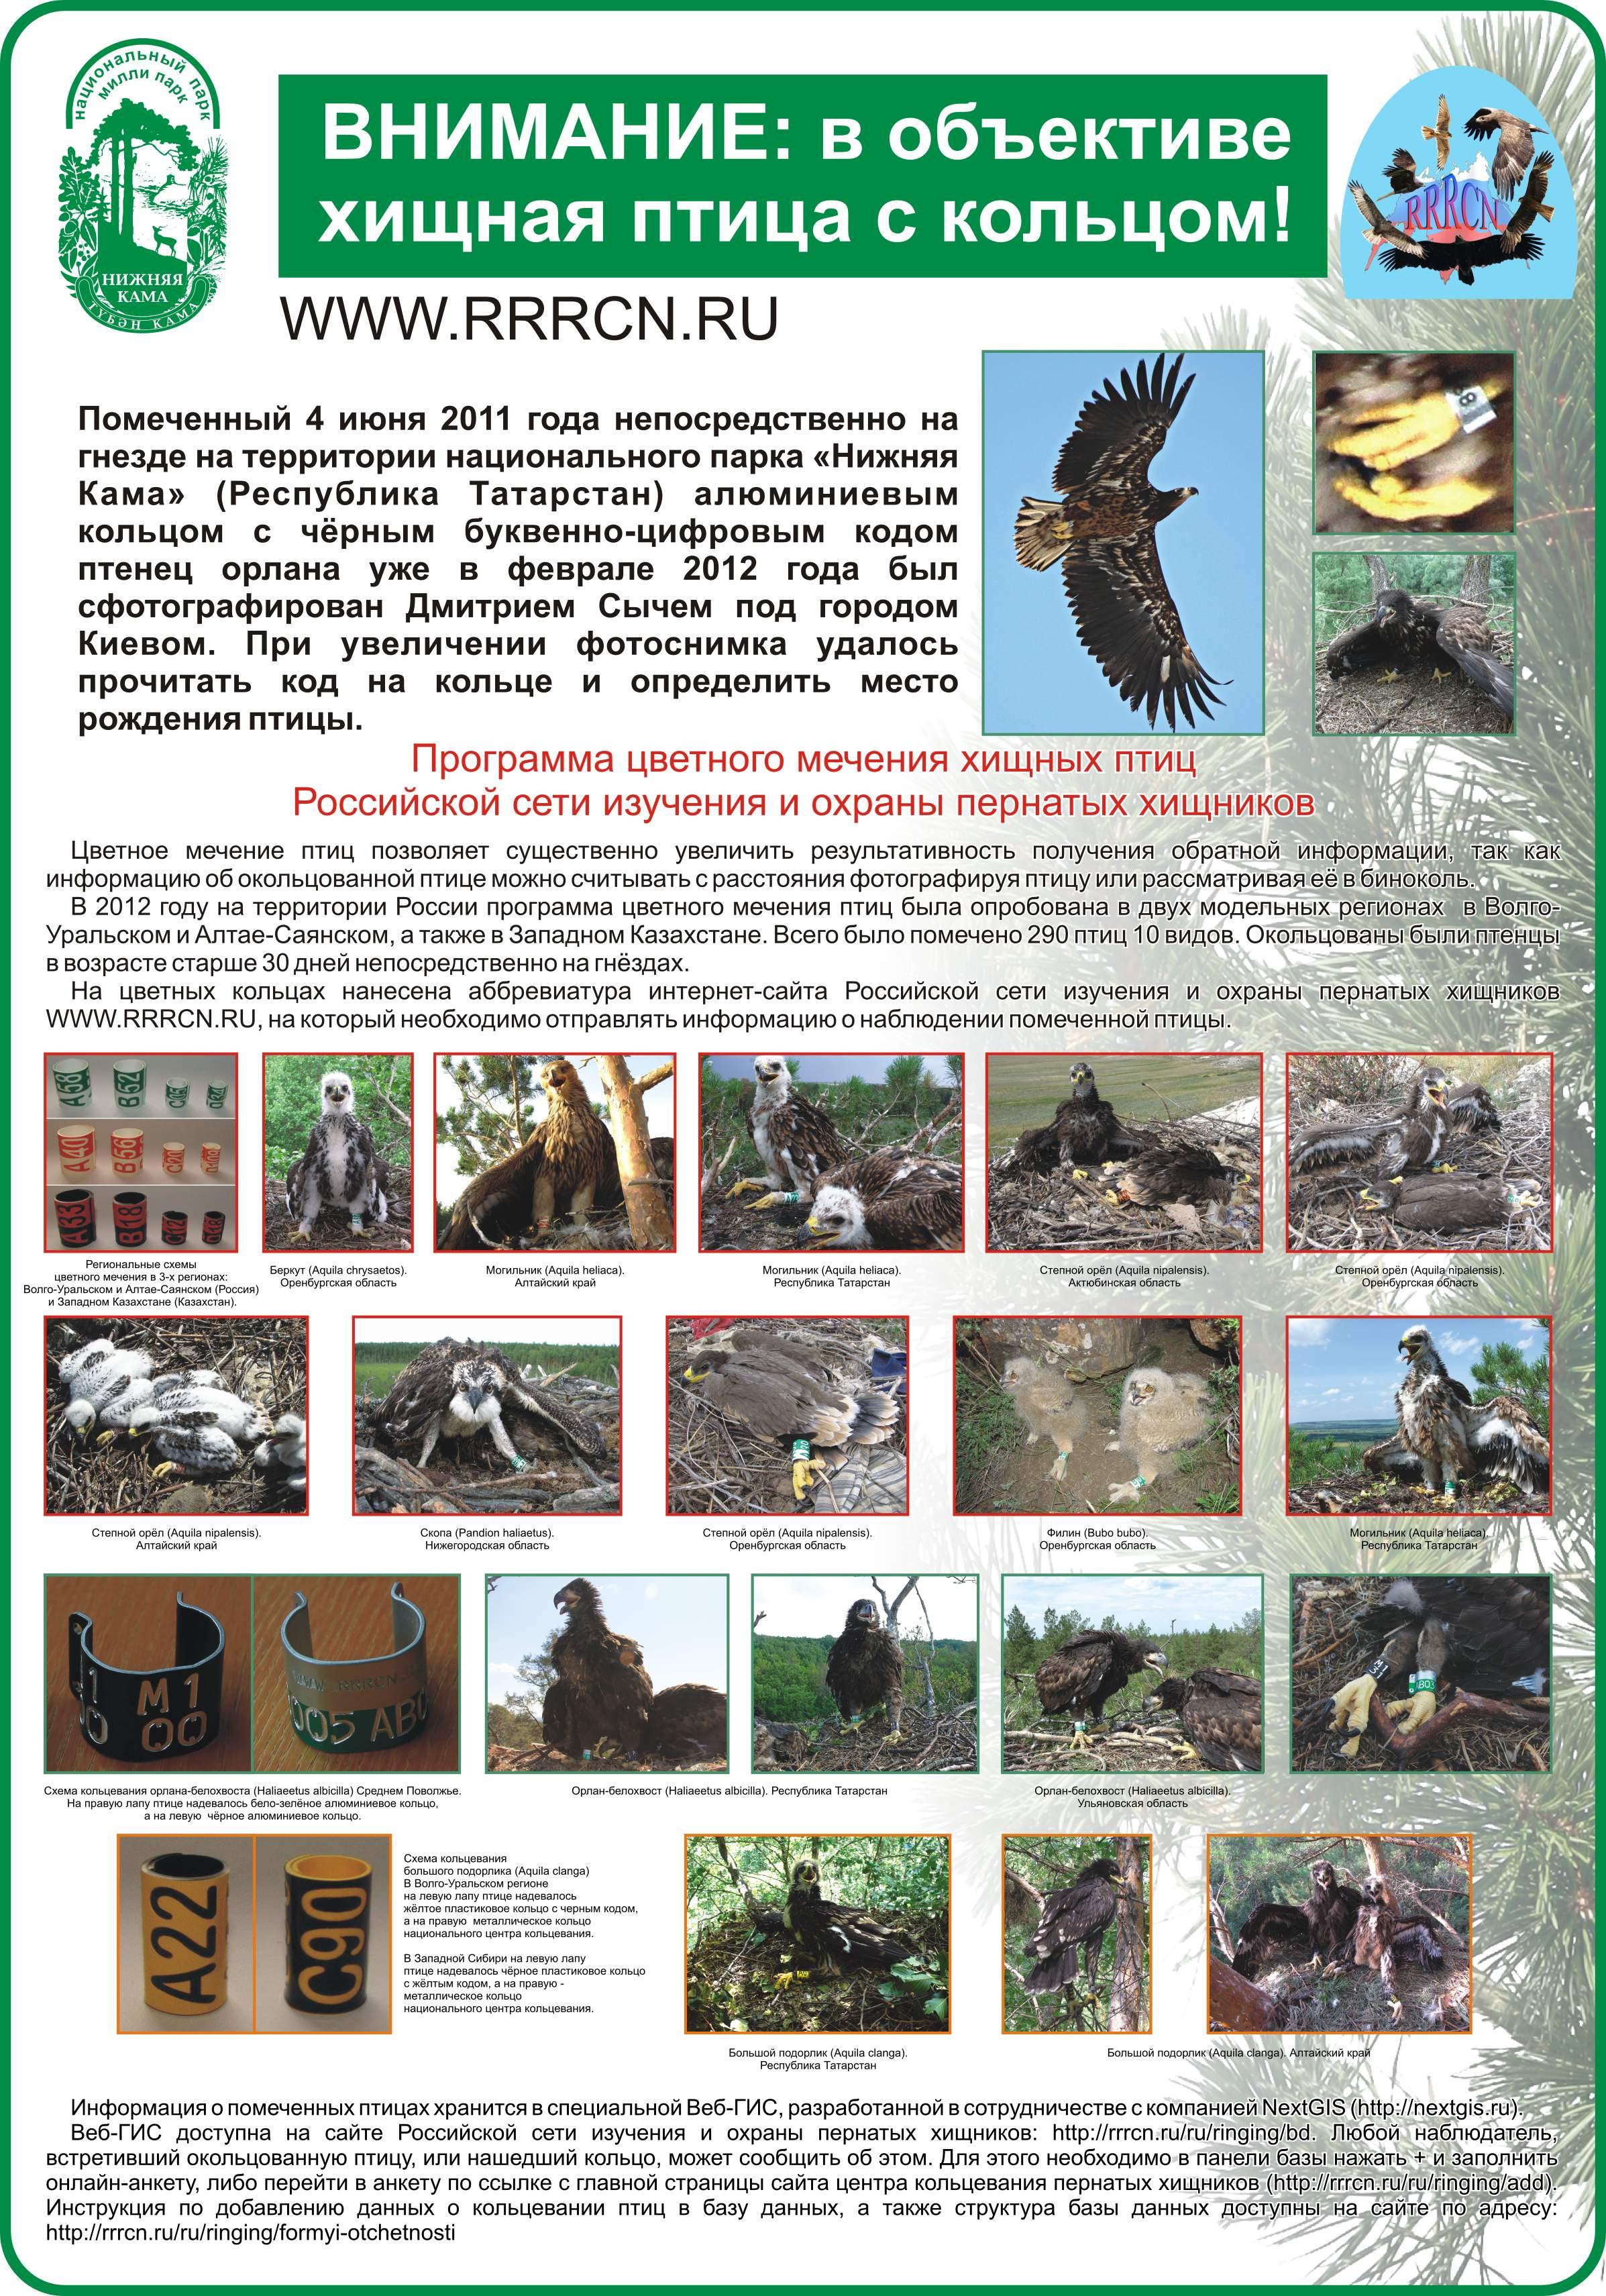 Постер по программе кольцевания хищных птиц